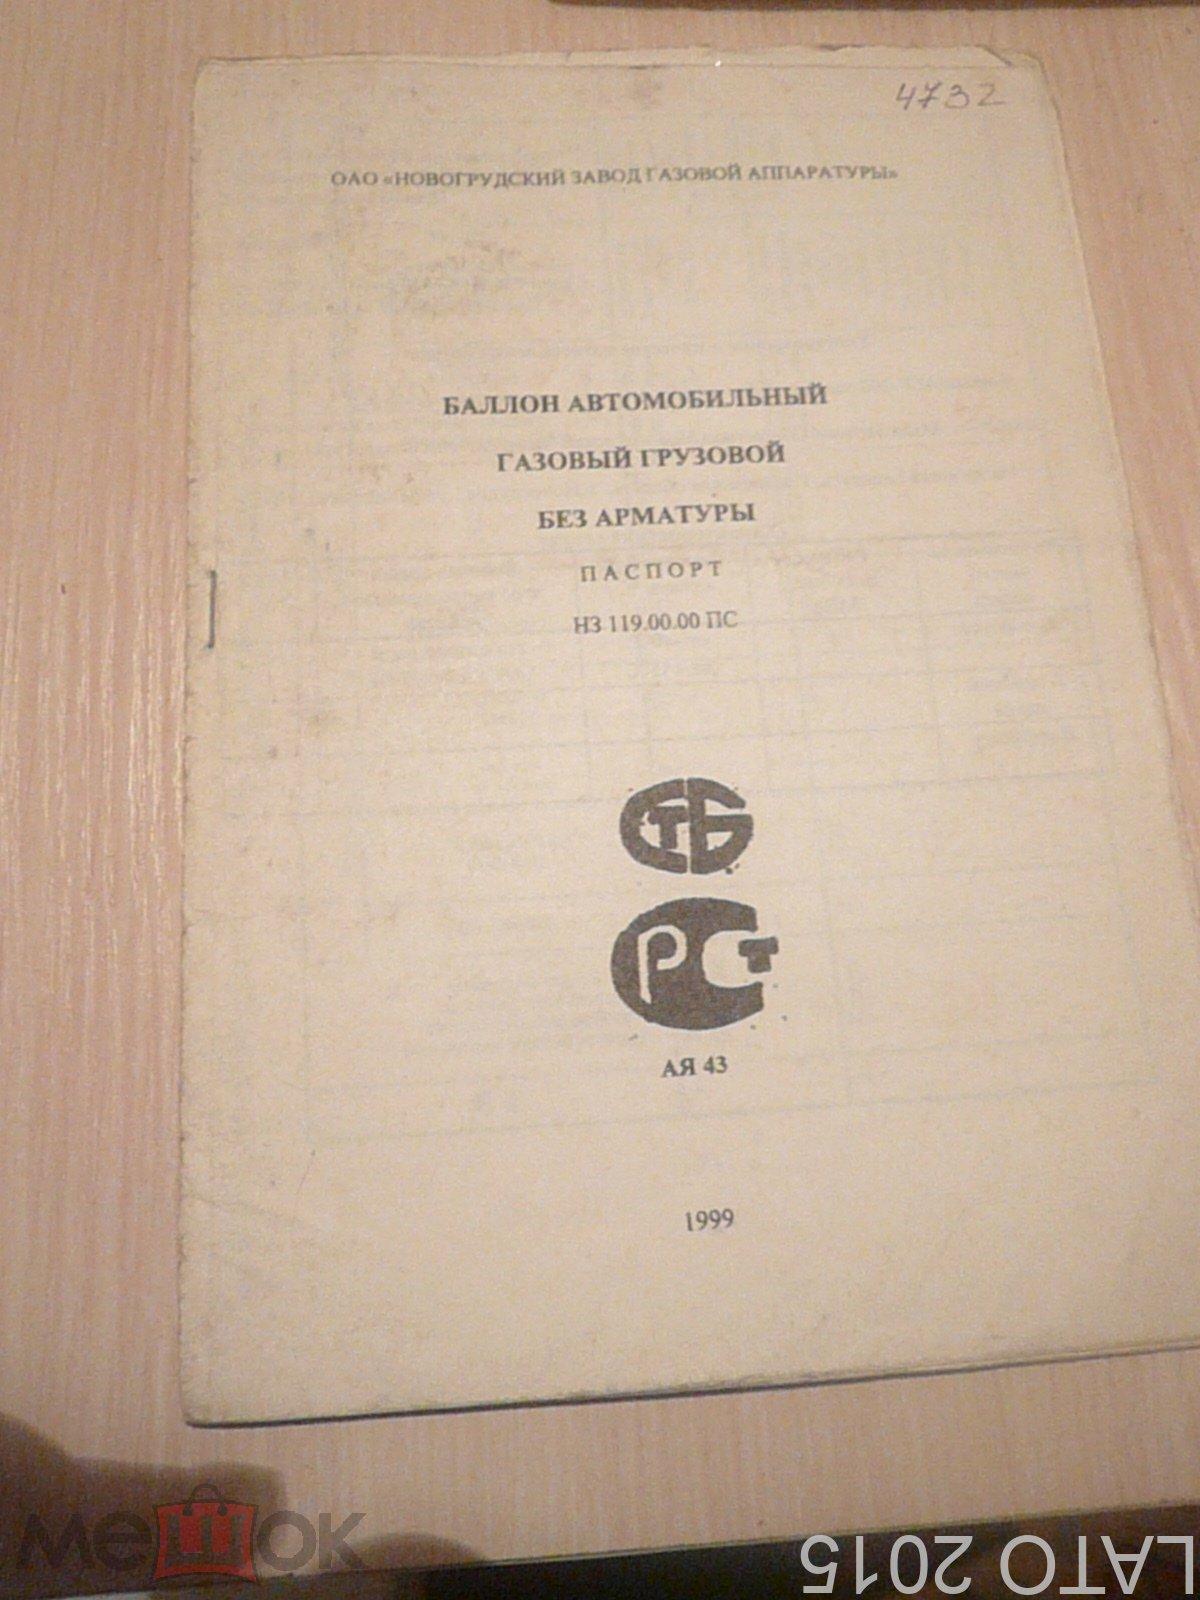 Инструкция , паспорт,приложение. Балон автомобильный газовый. Грузовой без арматуры.1999 год